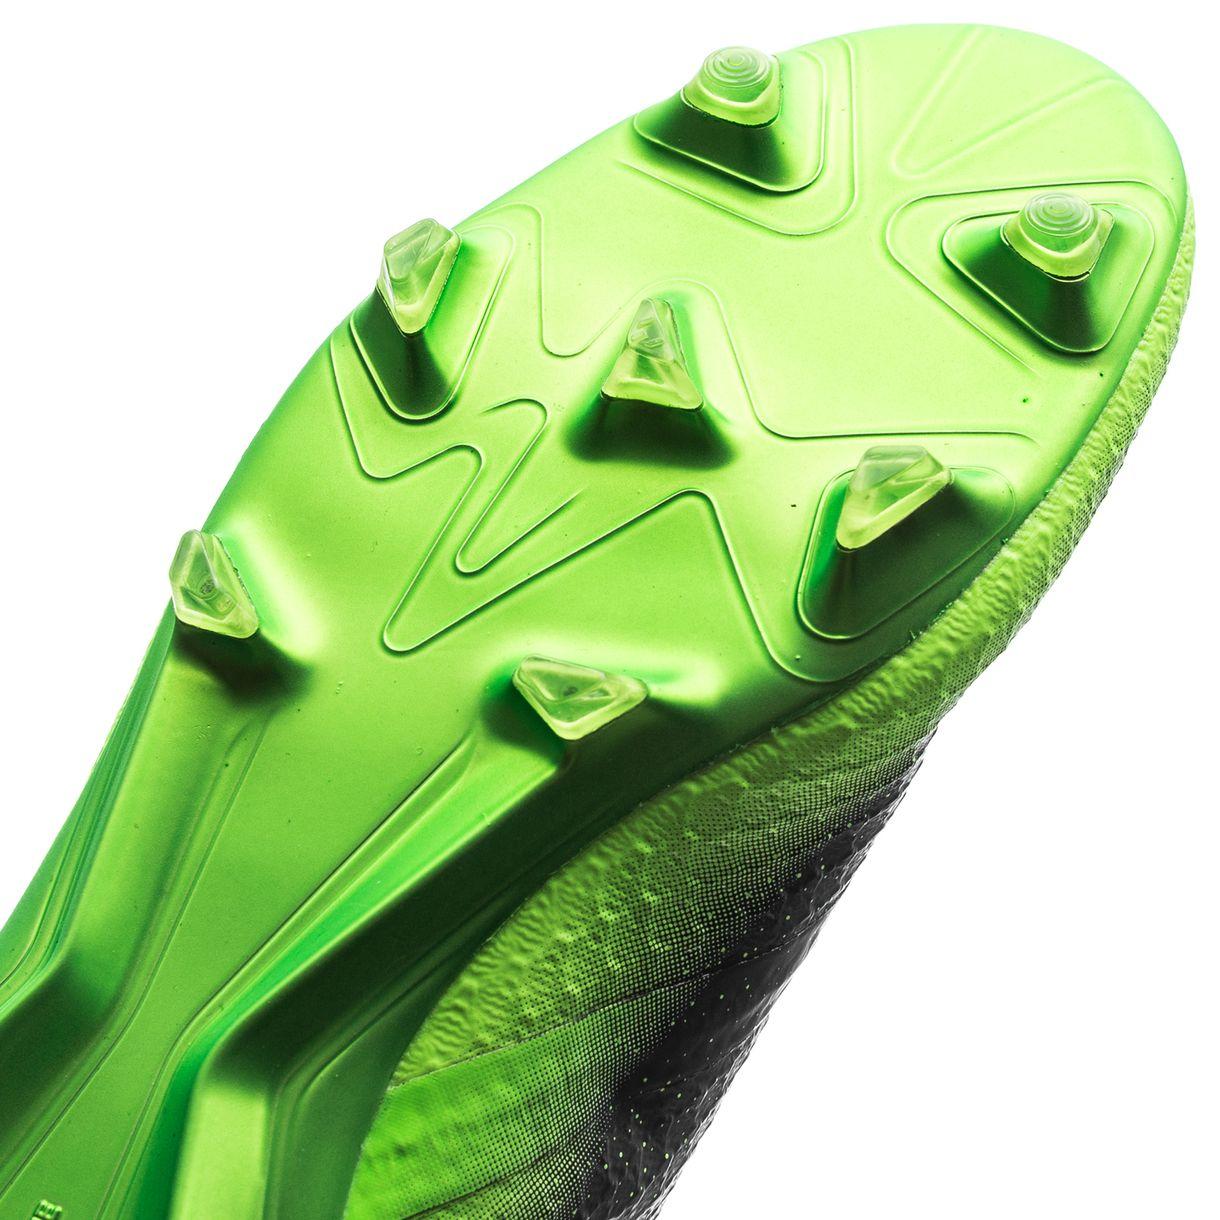 86ac6fa3b ... Click to enlarge image  adidas_messi_16_pureagility_fg_ag_space_dust_dark_grey_silver_metallic_solar_green_i.jpg  ...